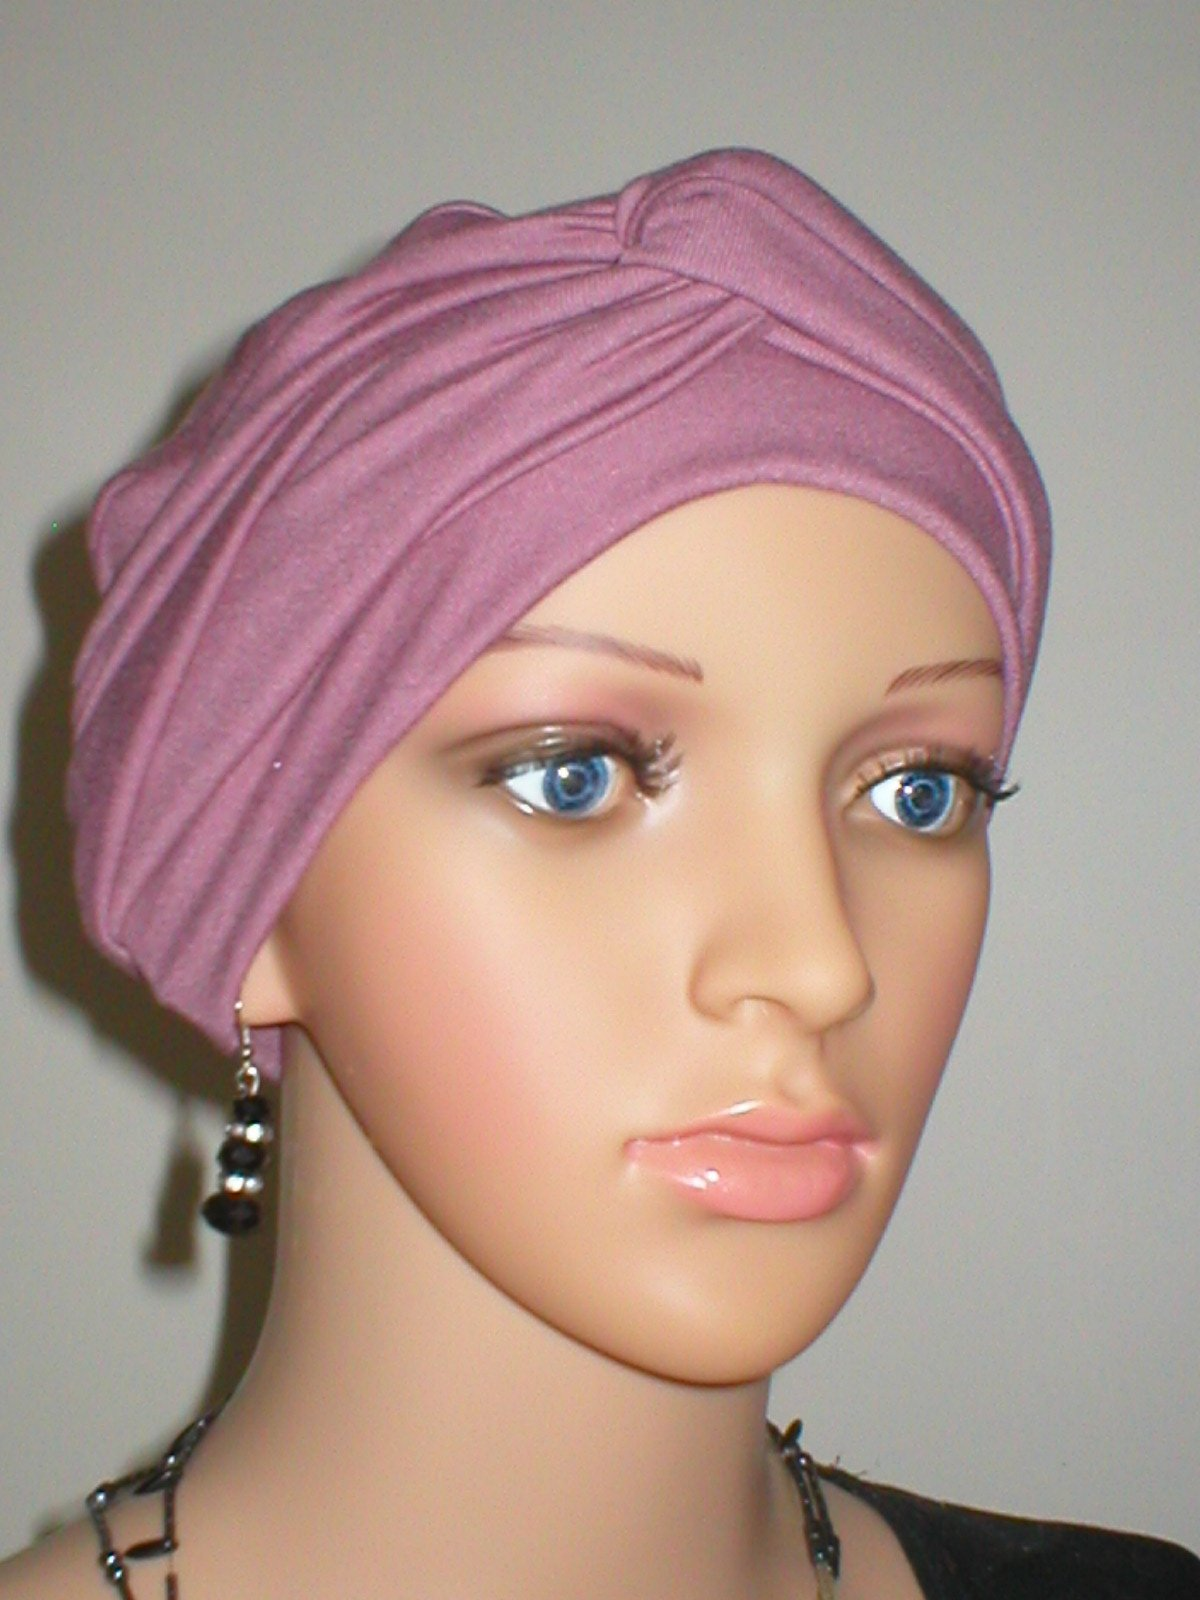 hats for alopecia